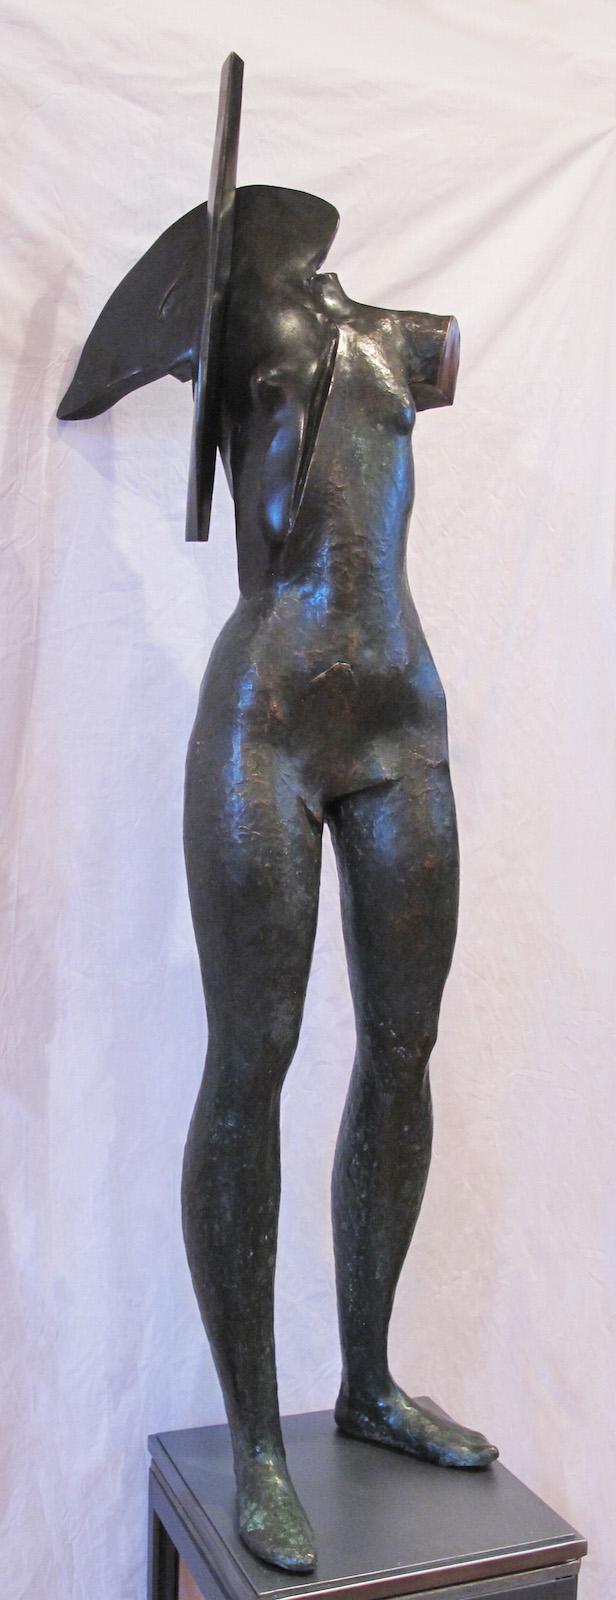 Rzeźba Krzysztofa Bronisława, Galeria Mostra (źródło: materiały prasowe organizatora)